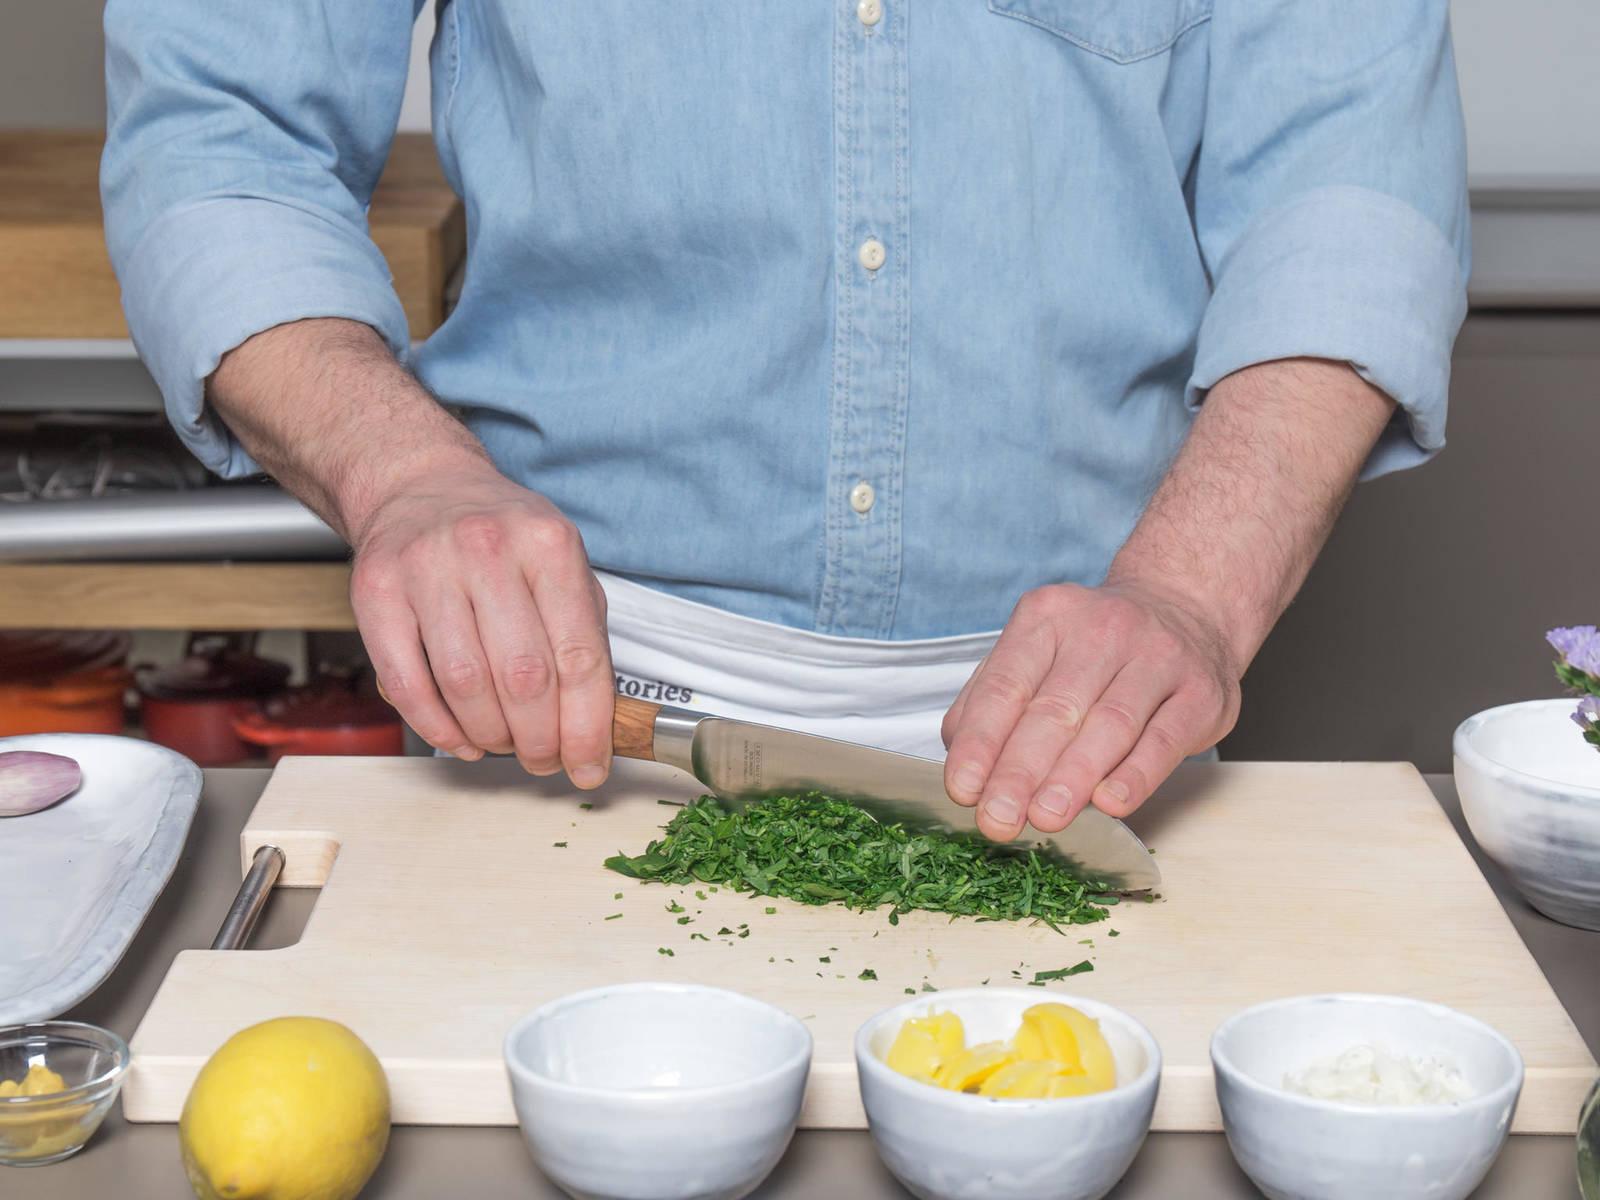 将红葱去皮,剁碎。清洗草本,甩干水后剁碎。清洗苤蓝后削皮,切半,然后切成厚片。